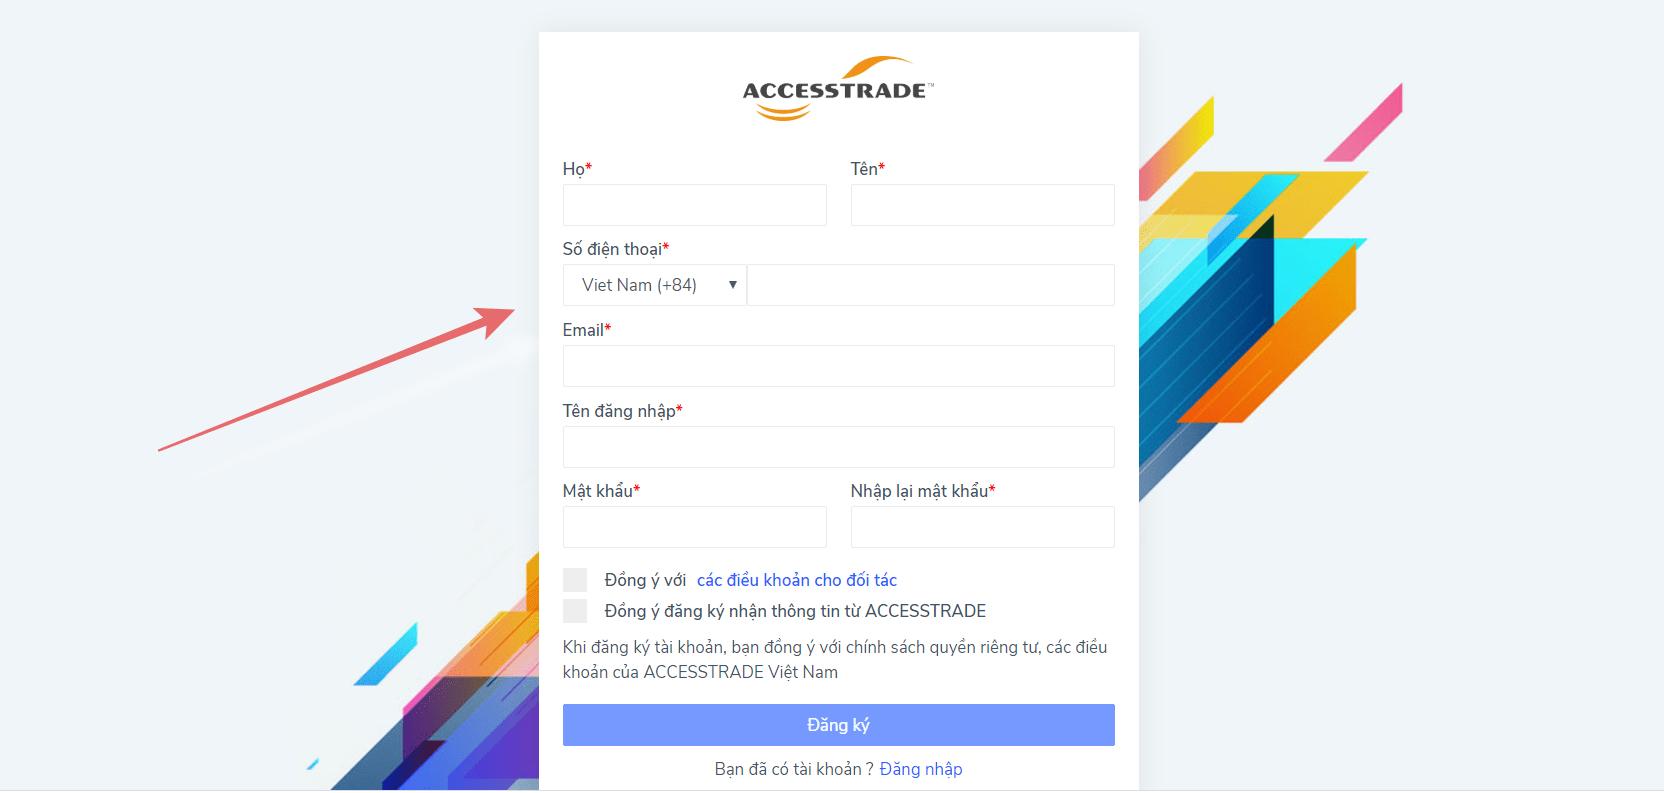 Hướng dẫn tạo link Accesstrade chi tiết từ A-Z mới nhất 2020 2